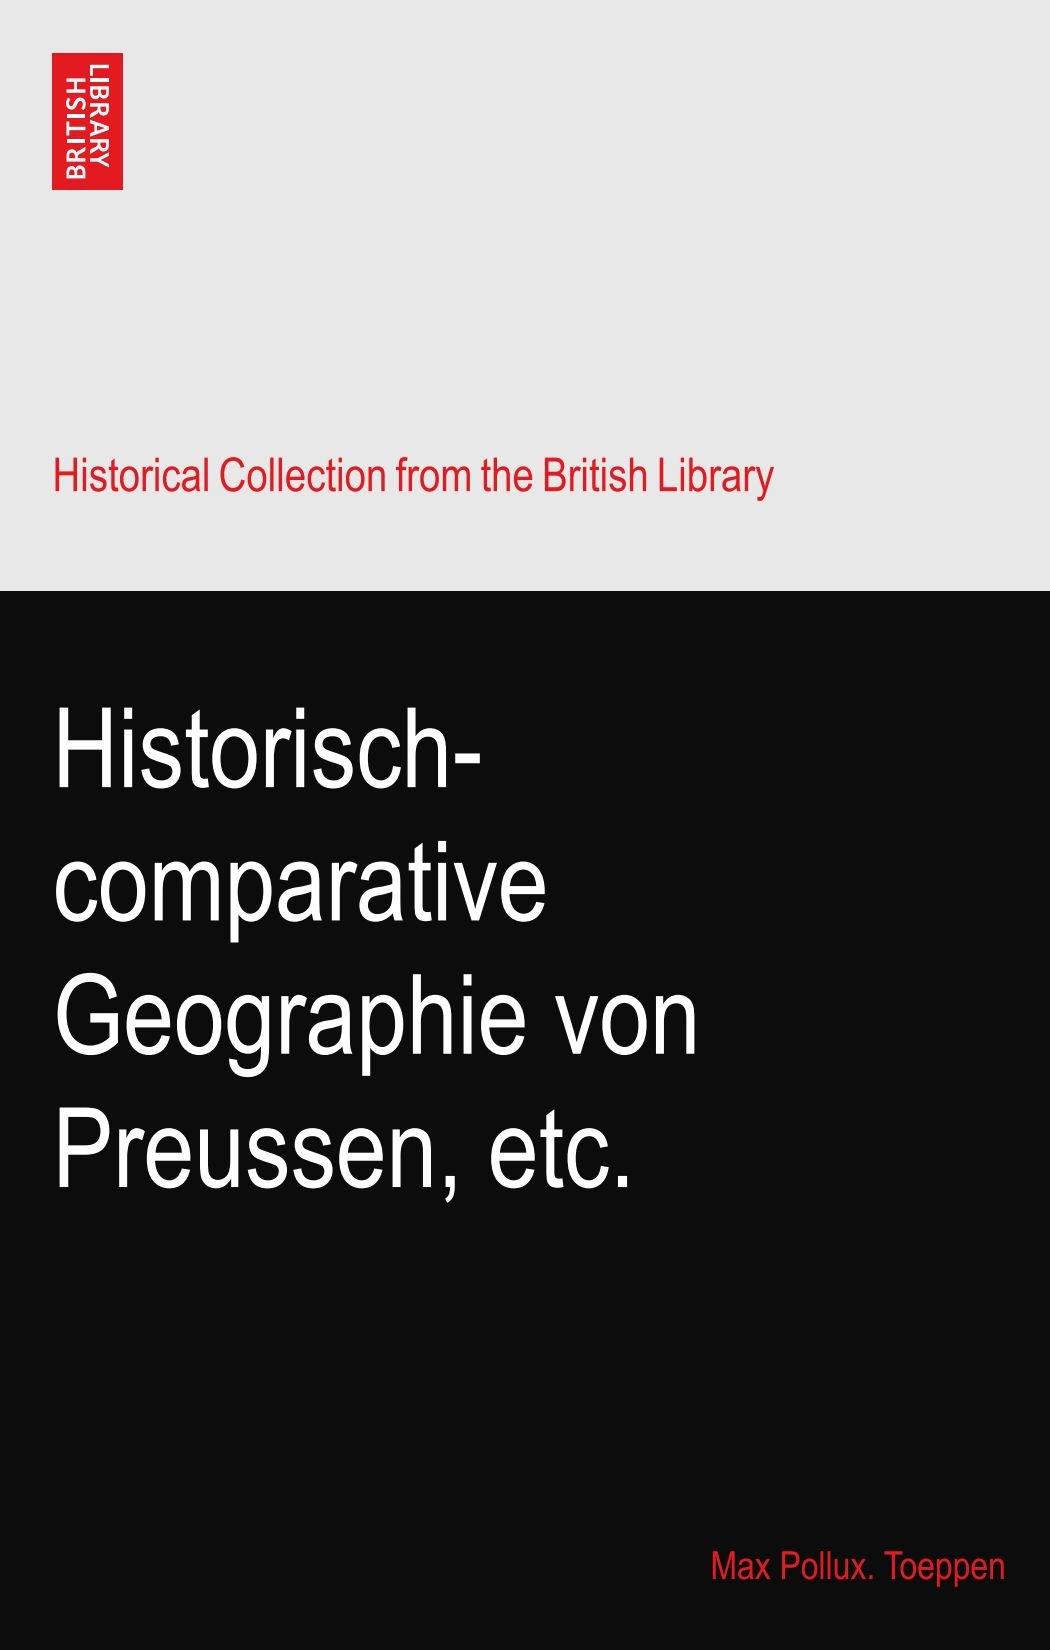 Historisch comparative Geographie von Preussen. Nach den